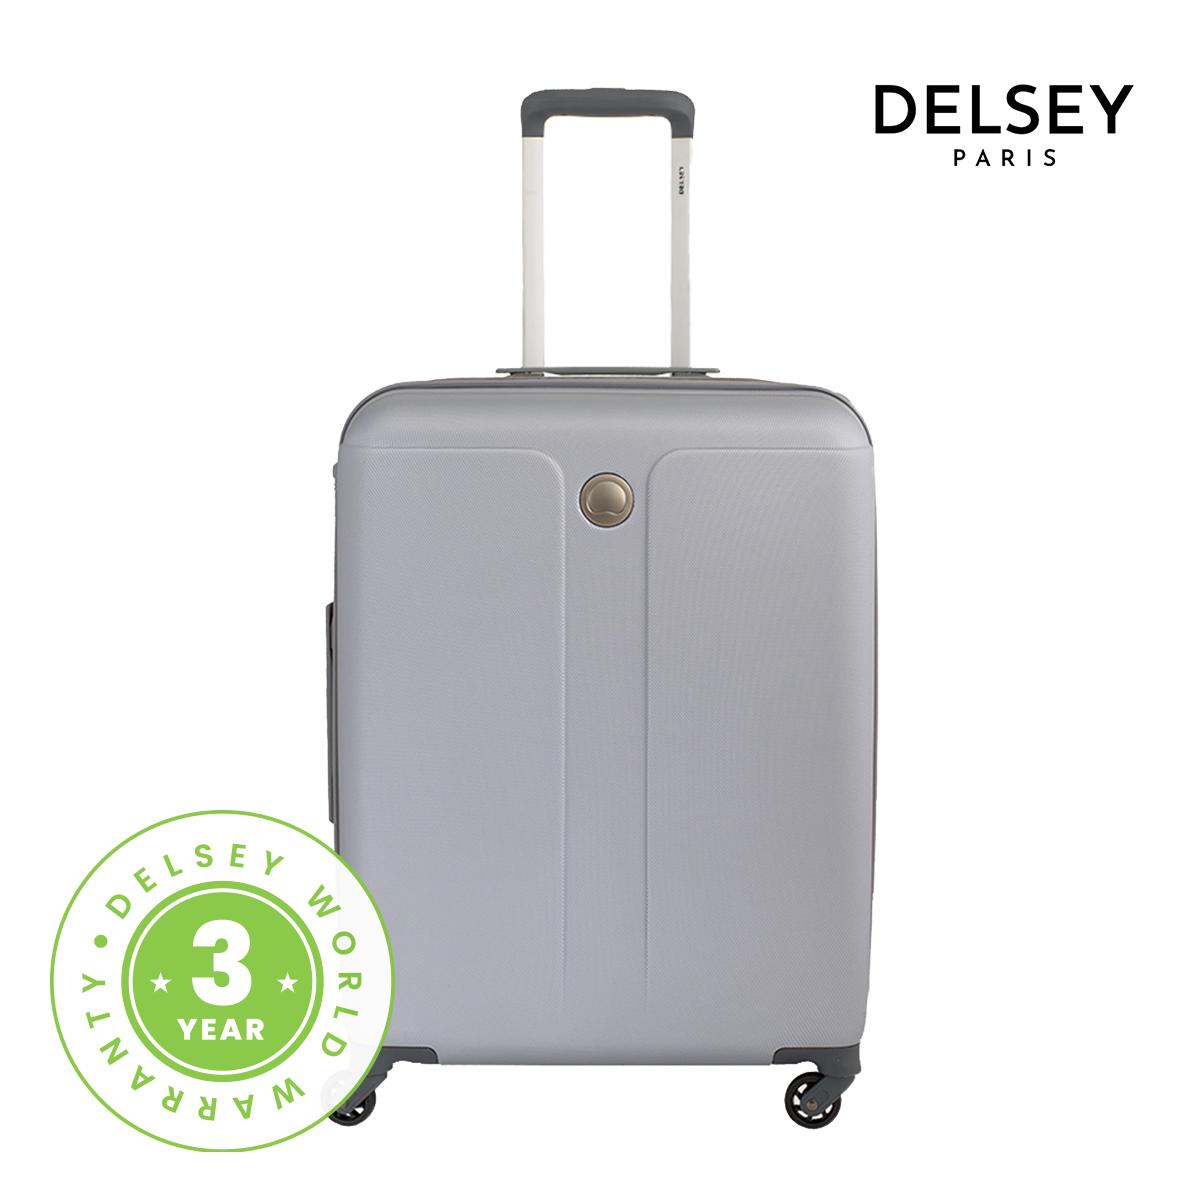 [델시]DELSEY - 피디스 66/24형 중형 여행용캐리어 하드캐리어